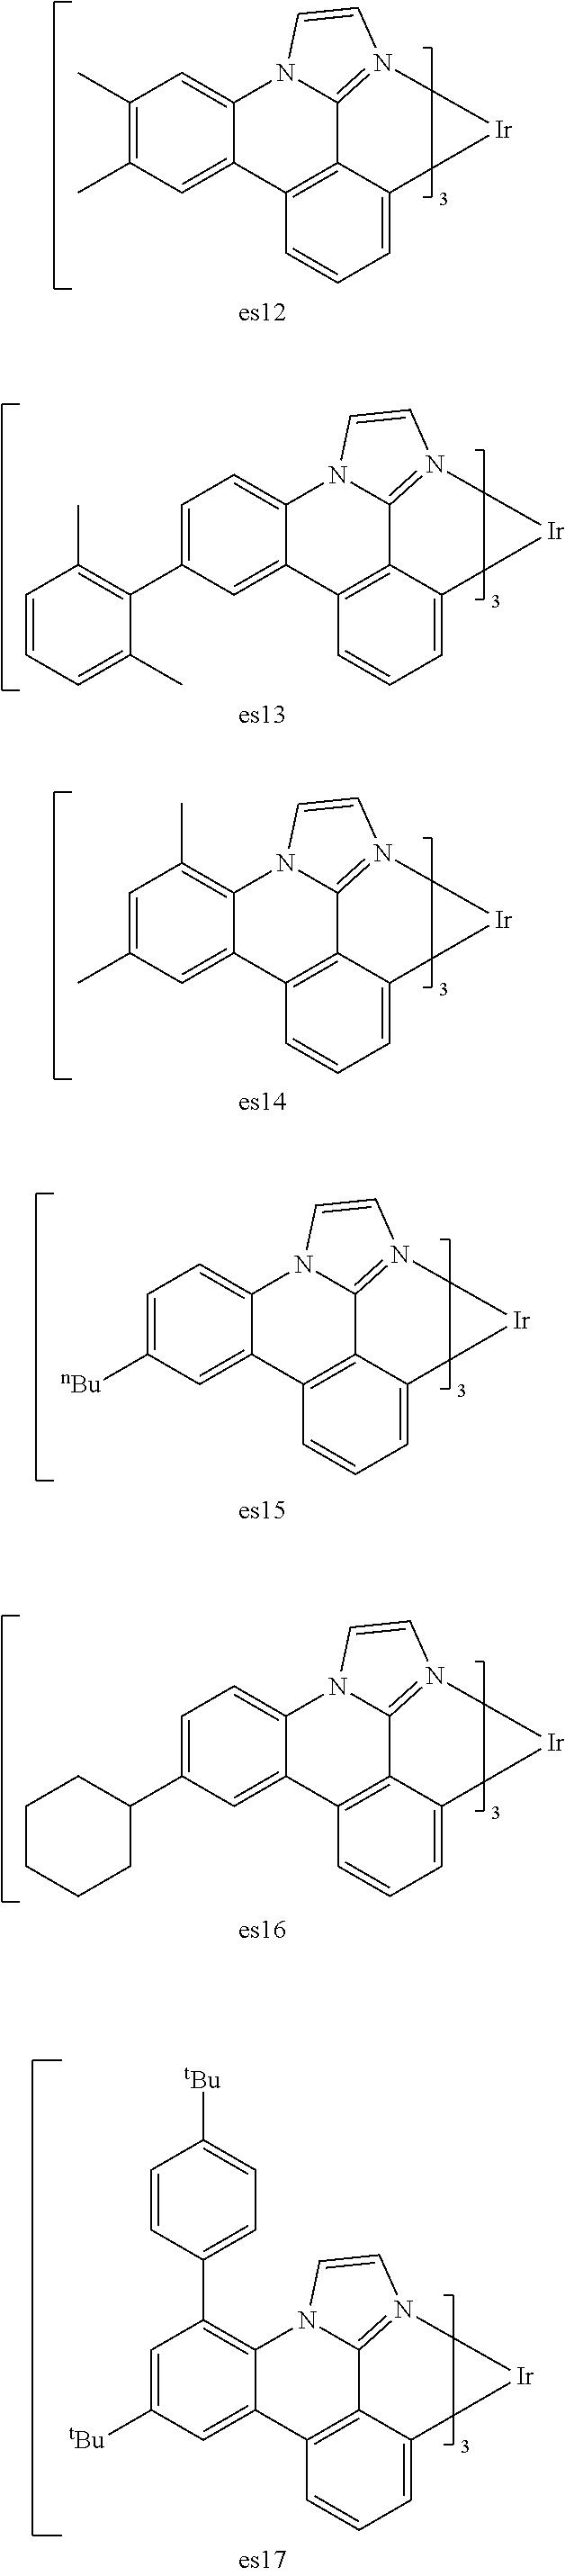 Figure US07915415-20110329-C00012